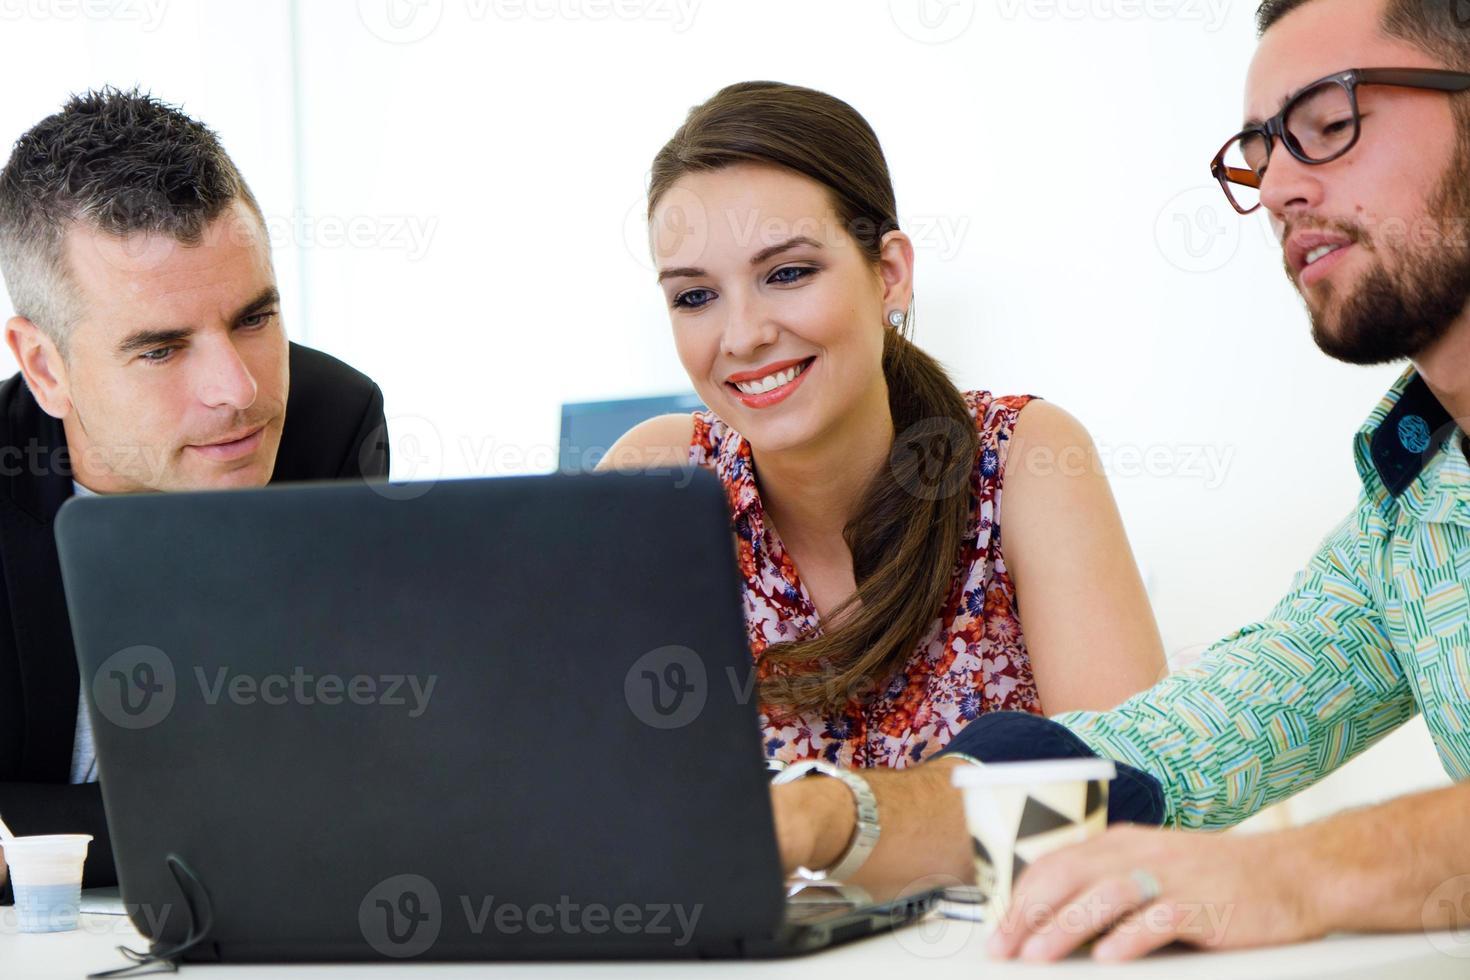 Gelegenheitsmanager, die bei einem Treffen mit dem Laptop zusammenarbeiten. foto